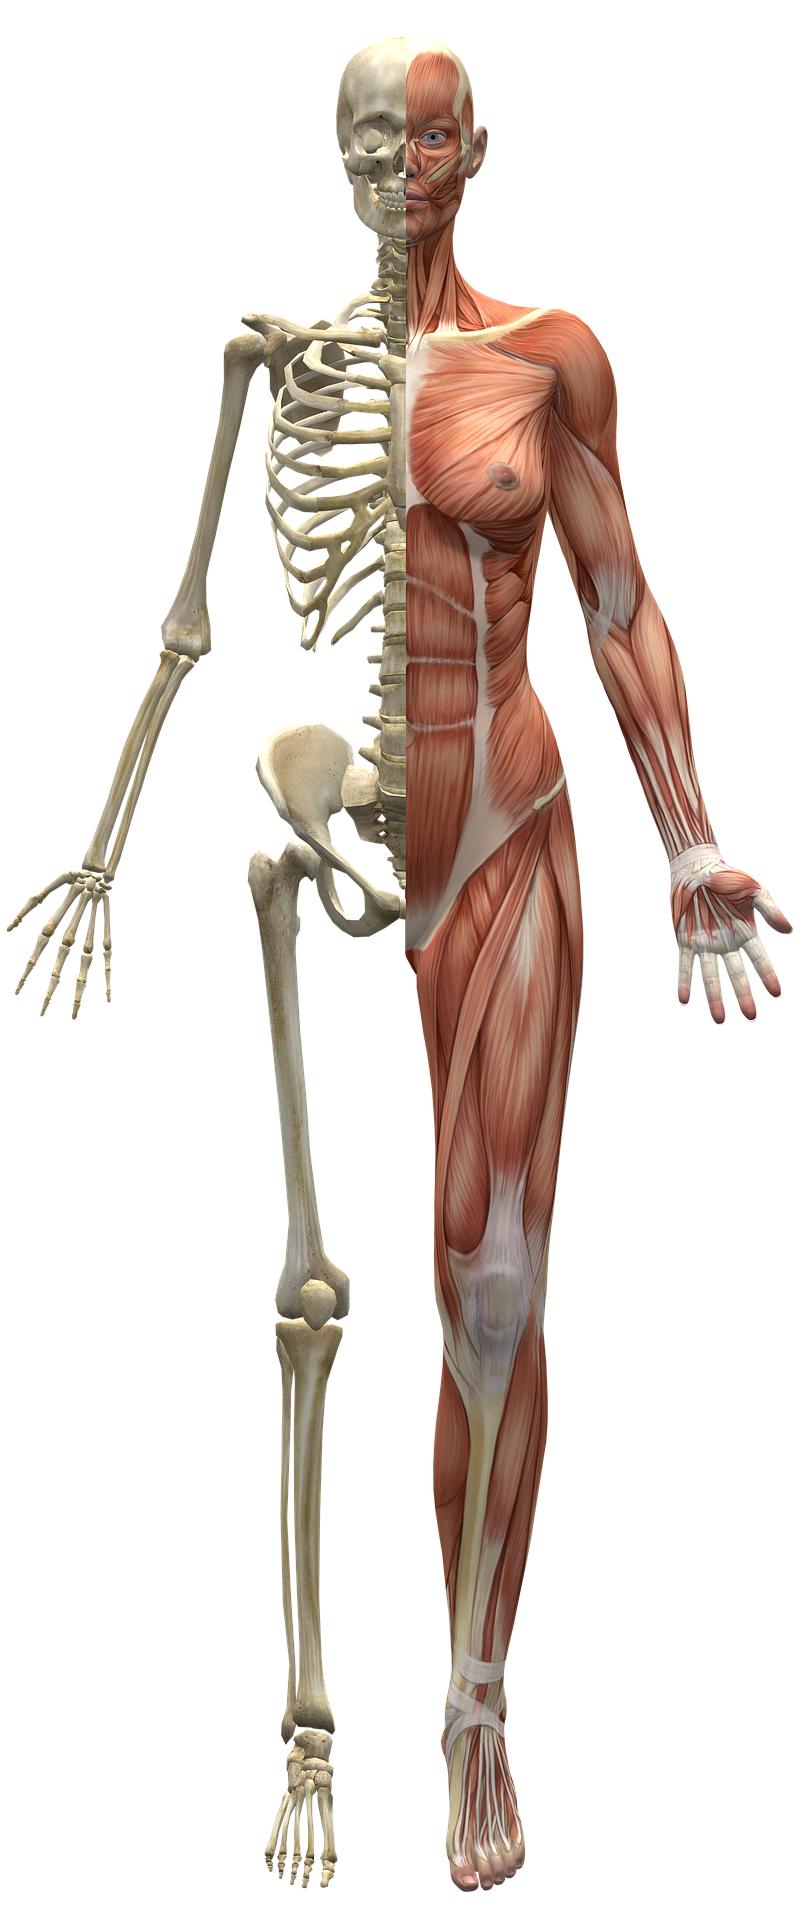 Ravi Arromeetri jala 2 kraadi Nahahaigused liigestele